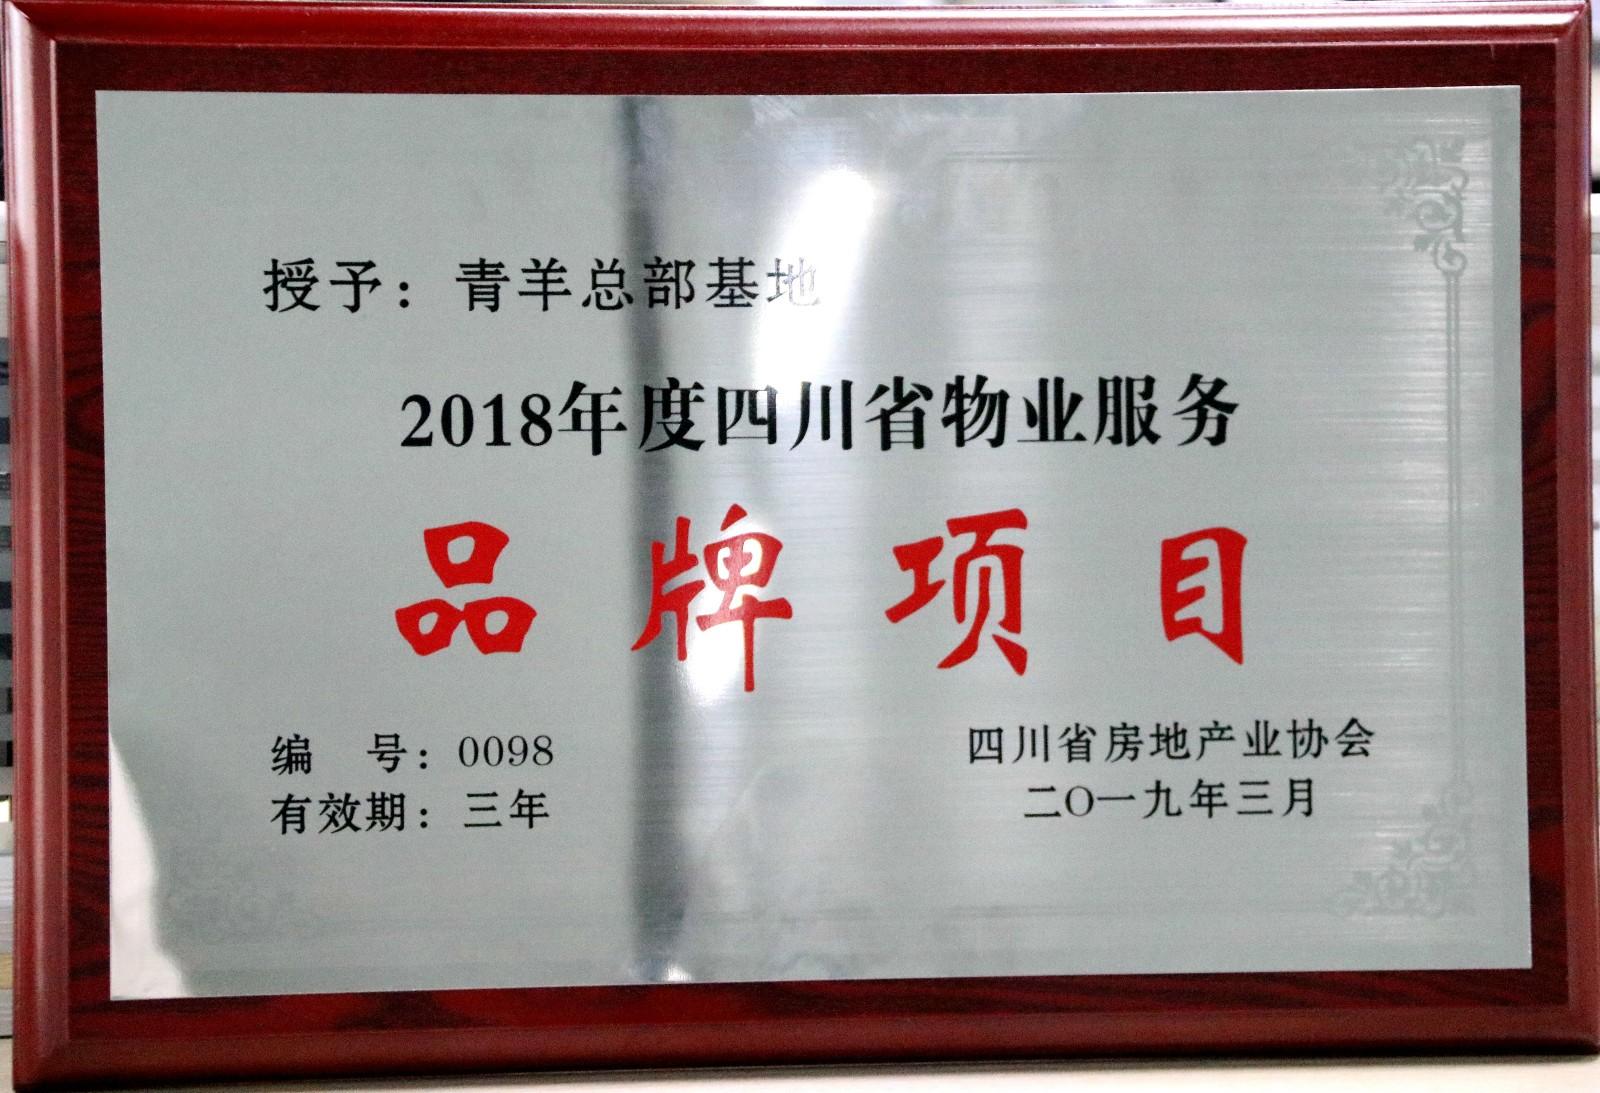 2018年度四川省物业服务品牌项目